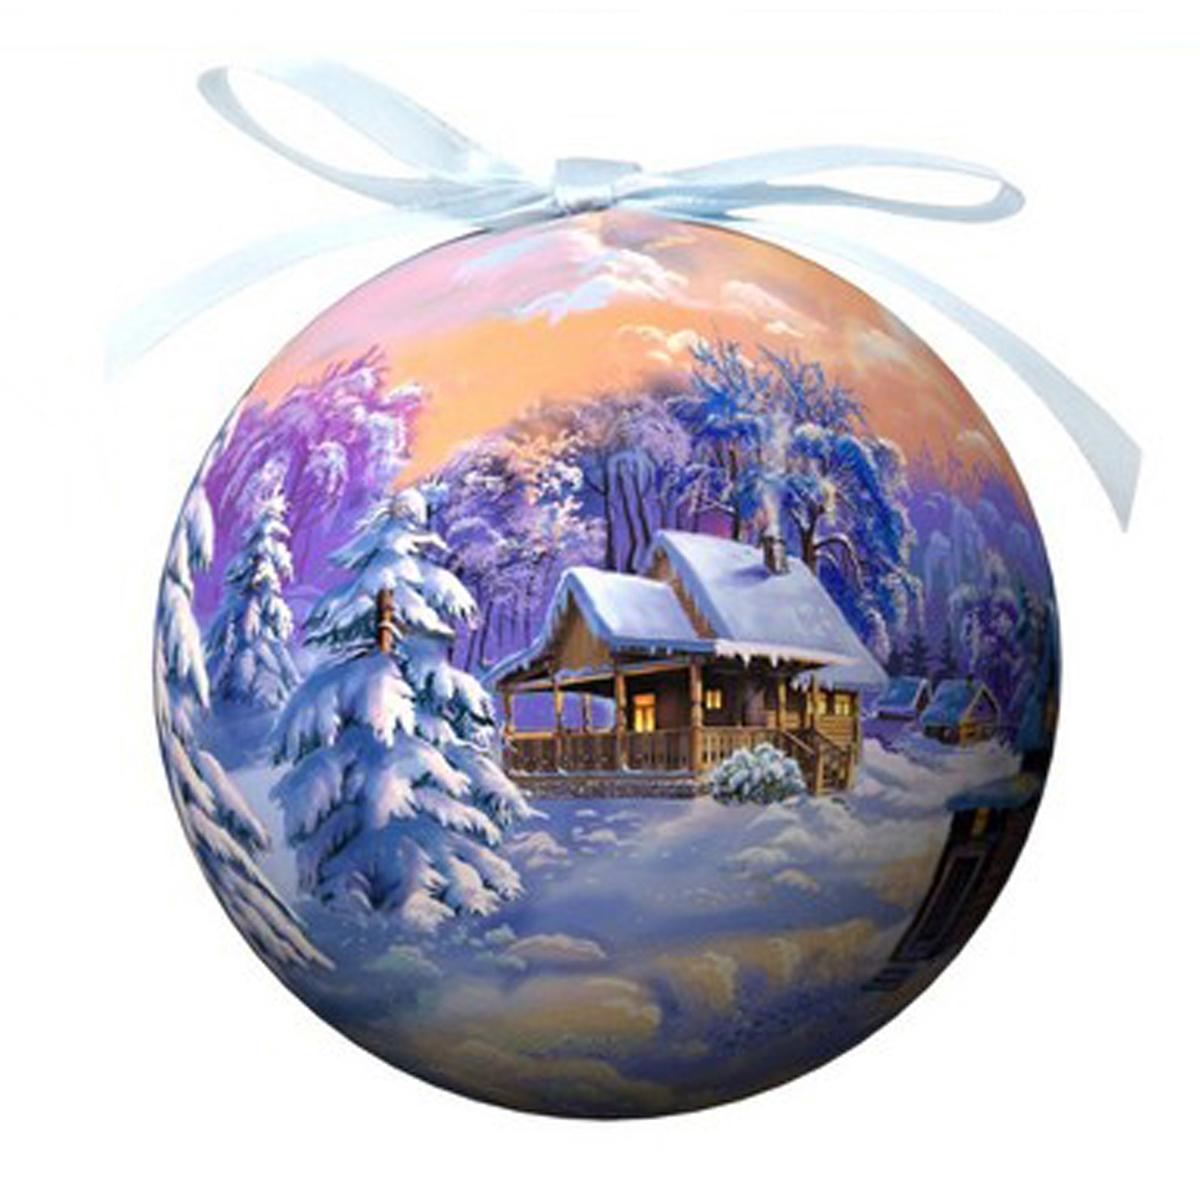 Елочное украшение Шар. Зимний пейзаж, диаметр 10 см. 20318K100Оригинальное подвесное украшение Шар. Зимний пейзаж прекрасно подойдет для праздничного декора дома и новогодней ели. Шар, выполненный из пластмассы, оформлен красочным изображением зимней природы. Благодаря плотному корпусу изделие никогда не разобьется, поэтому вы можете быть уверены, что оно прослужит вам долгие годы. С помощью атласной ленточки фиолетового цвета украшение можно повесить на новогоднюю елку. Елочная игрушка - символ Нового года. Она несет в себе волшебство и красоту праздника. Создайте в своем доме атмосферу веселья и радости, украшая новогоднюю елку нарядными игрушками, которые будут из года в год накапливать теплоту воспоминаний. Характеристики:Материал: пластмасса (вспененный полистирол), текстиль. Диаметр шара: 10 см. Размер упаковки: 11 см х 11 см х 14,5 см. Производитель: Россия. Изготовитель: Китай. Артикул: 20318.